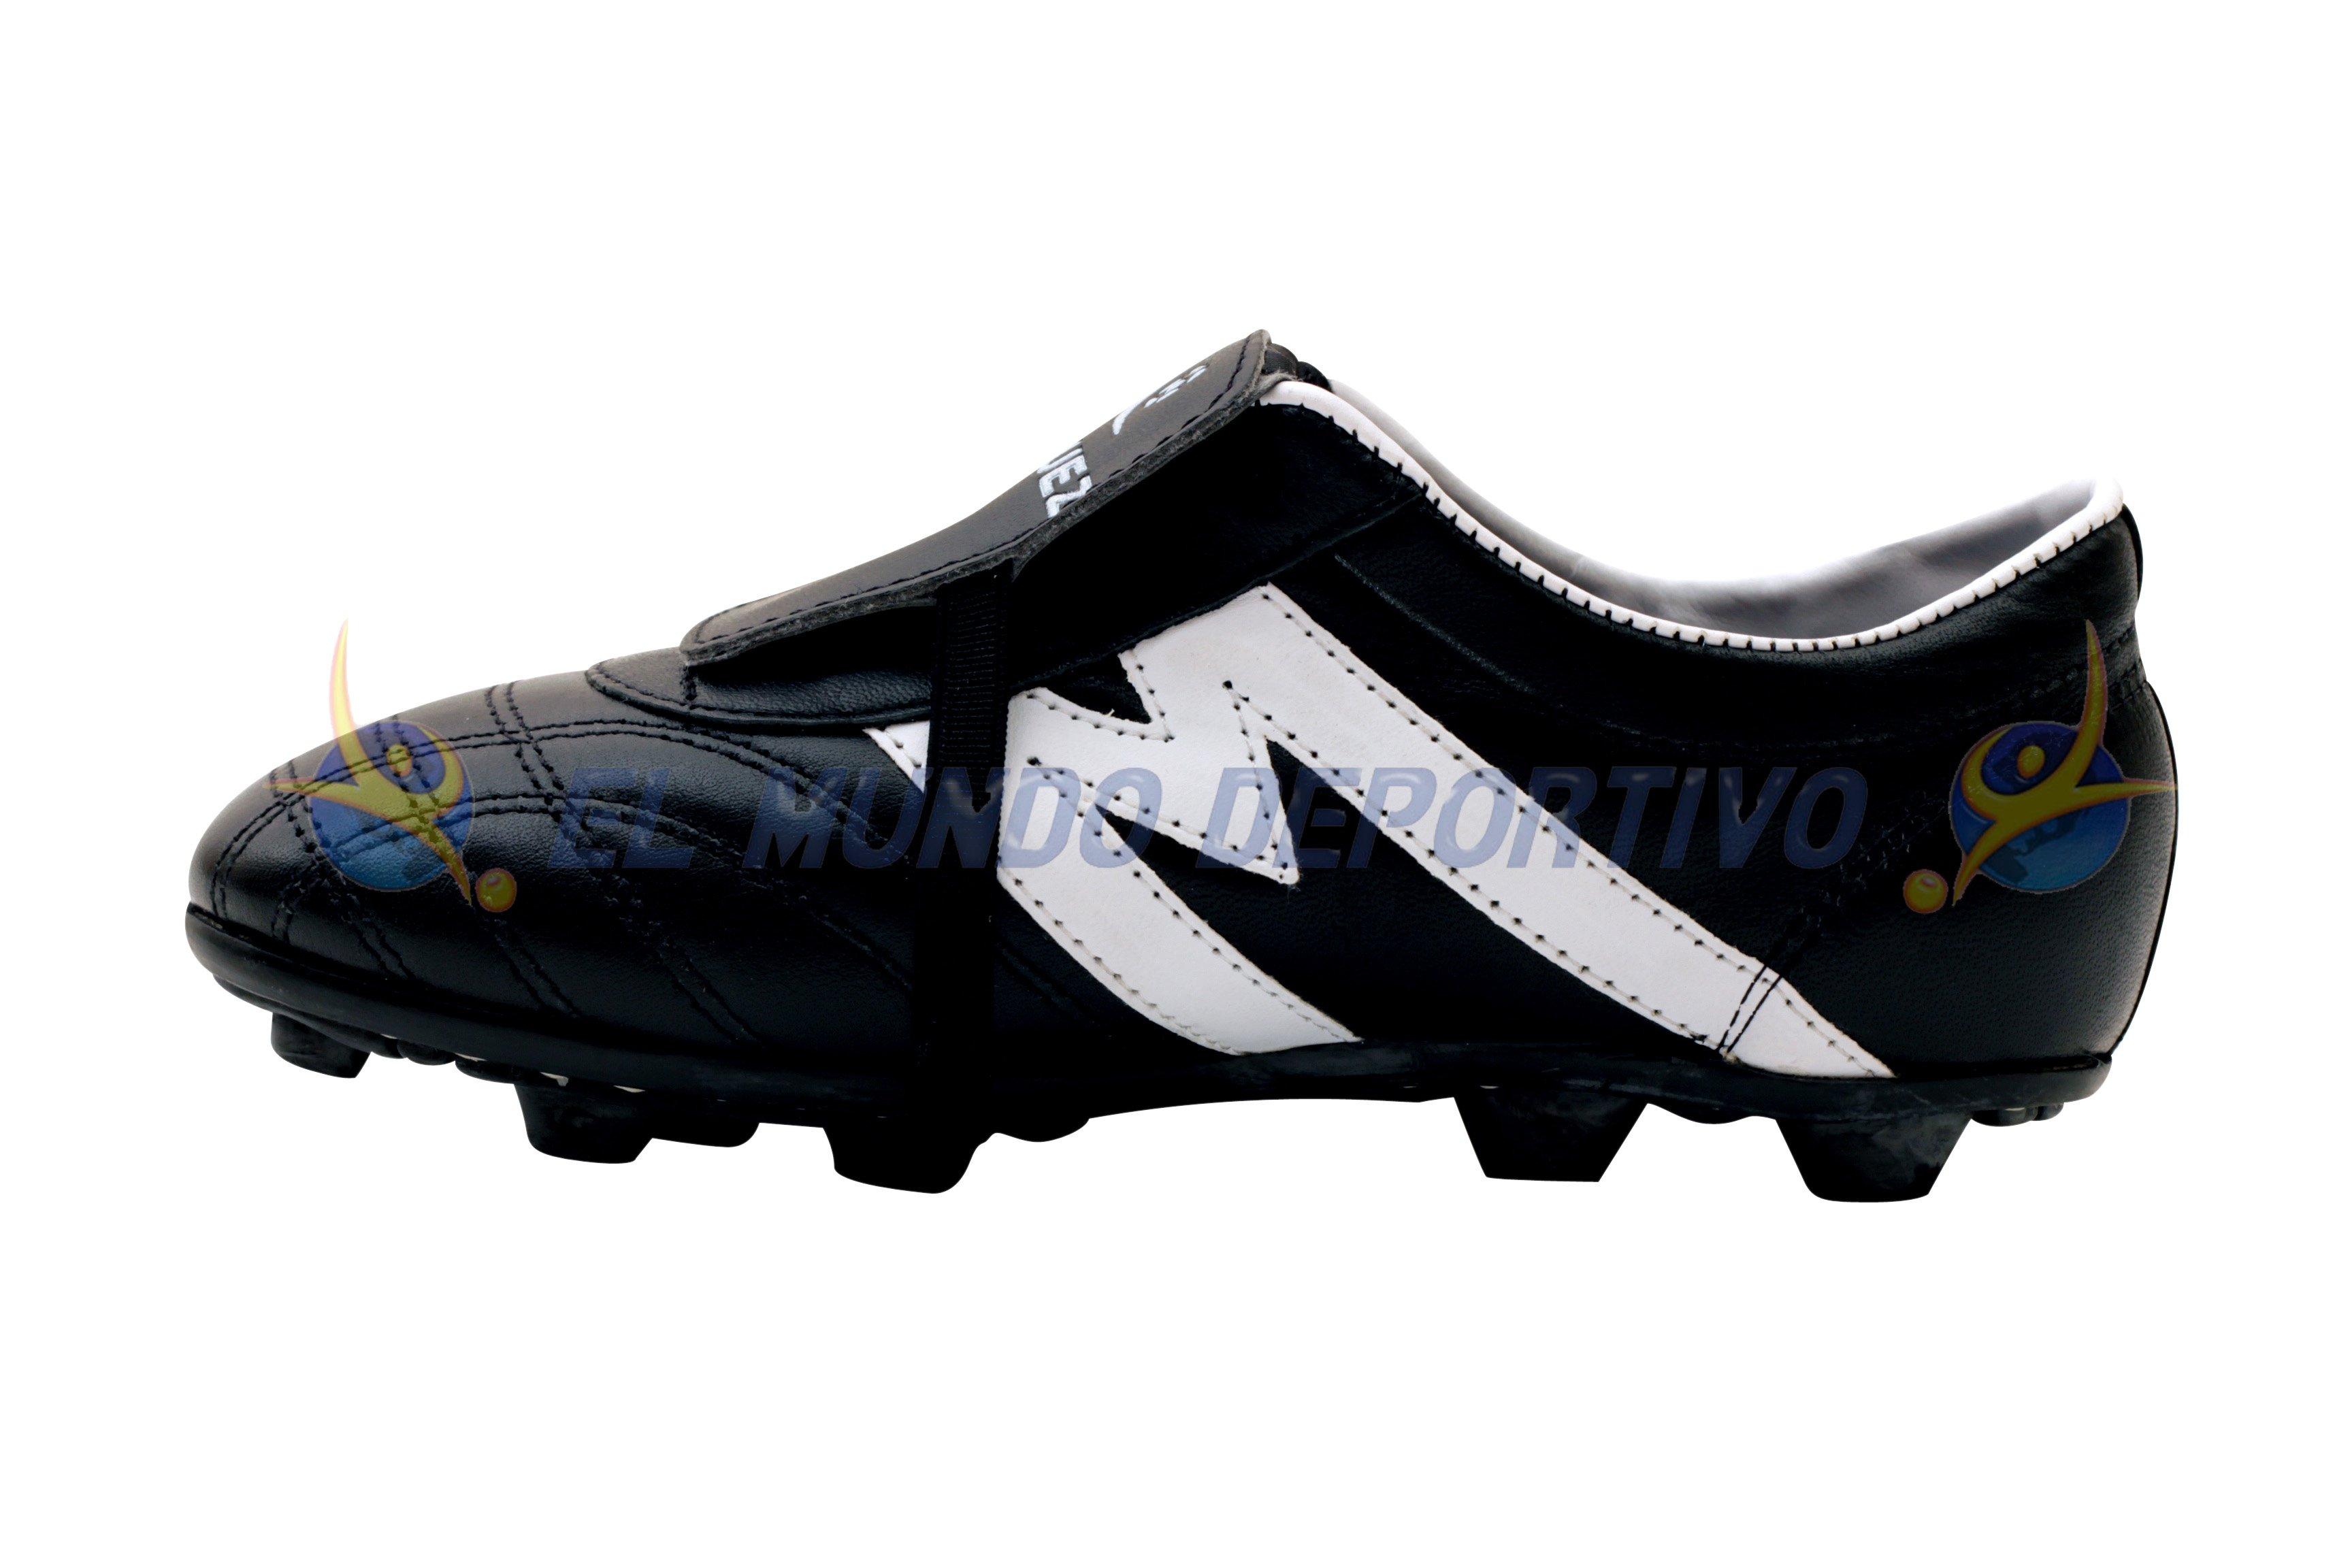 Inicio Tienda Tacos Fútbol Superficie Dura (Tierra) Modernos Zapato futbol  Manriquez MID TX ngo bco 6f972bafb0555